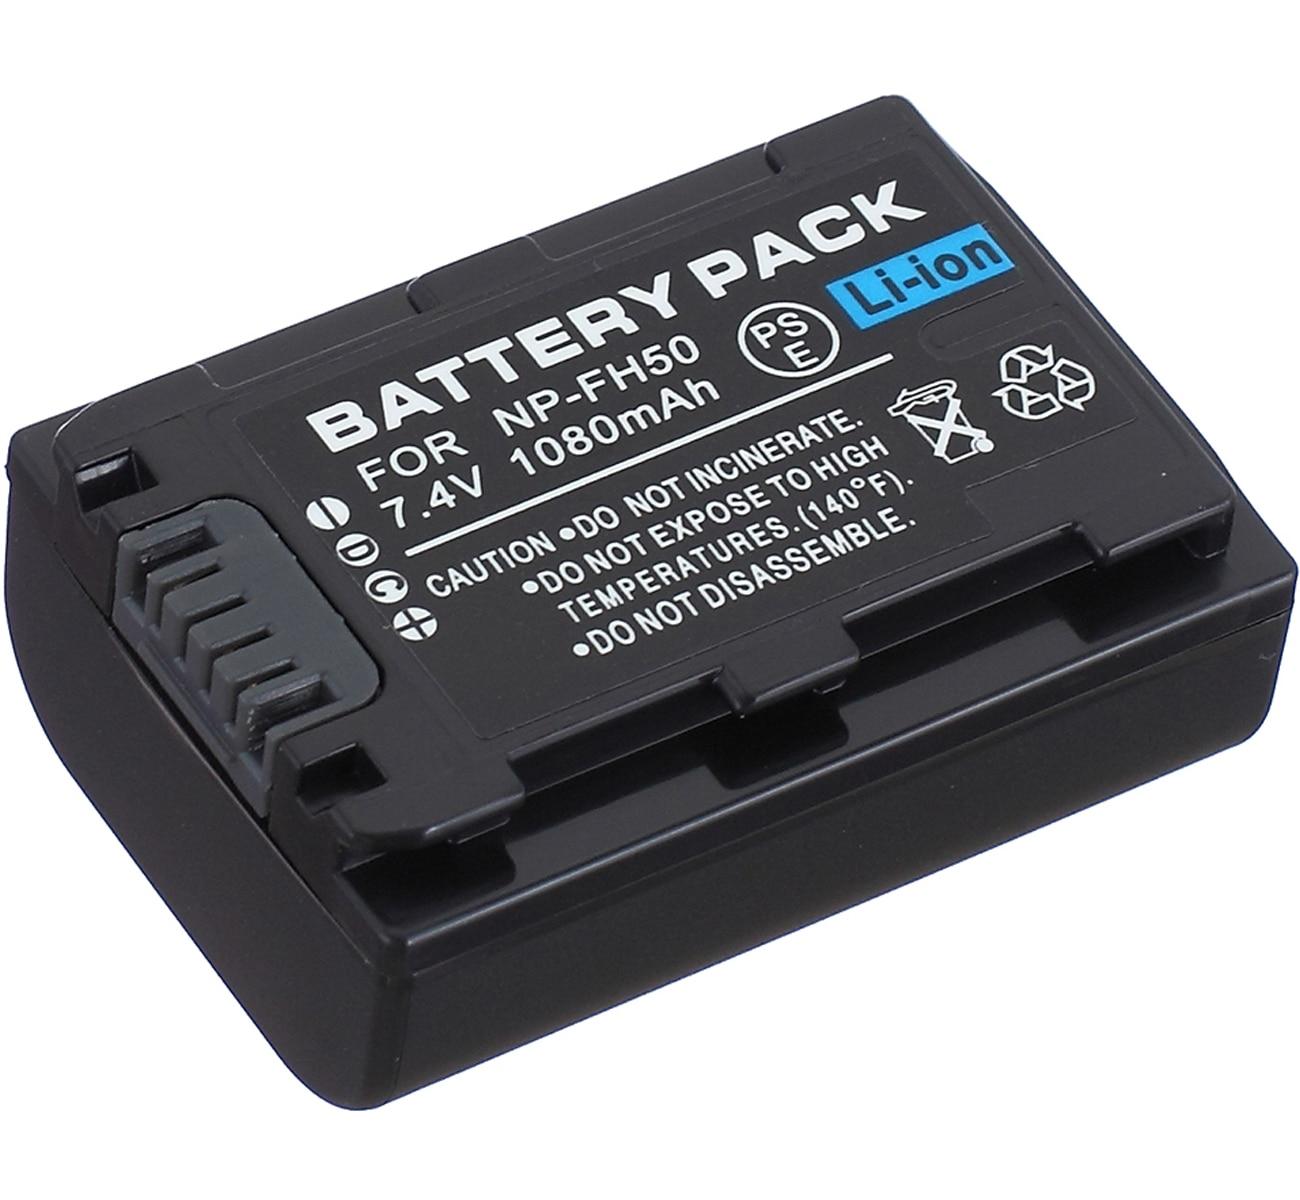 Paquete de baterías para Sony DCR-DVD108E, DCR-DVD110E, DCR-DVD115E, DCR-DVD150E, DCR-DVD308E, DCR-DVD310E